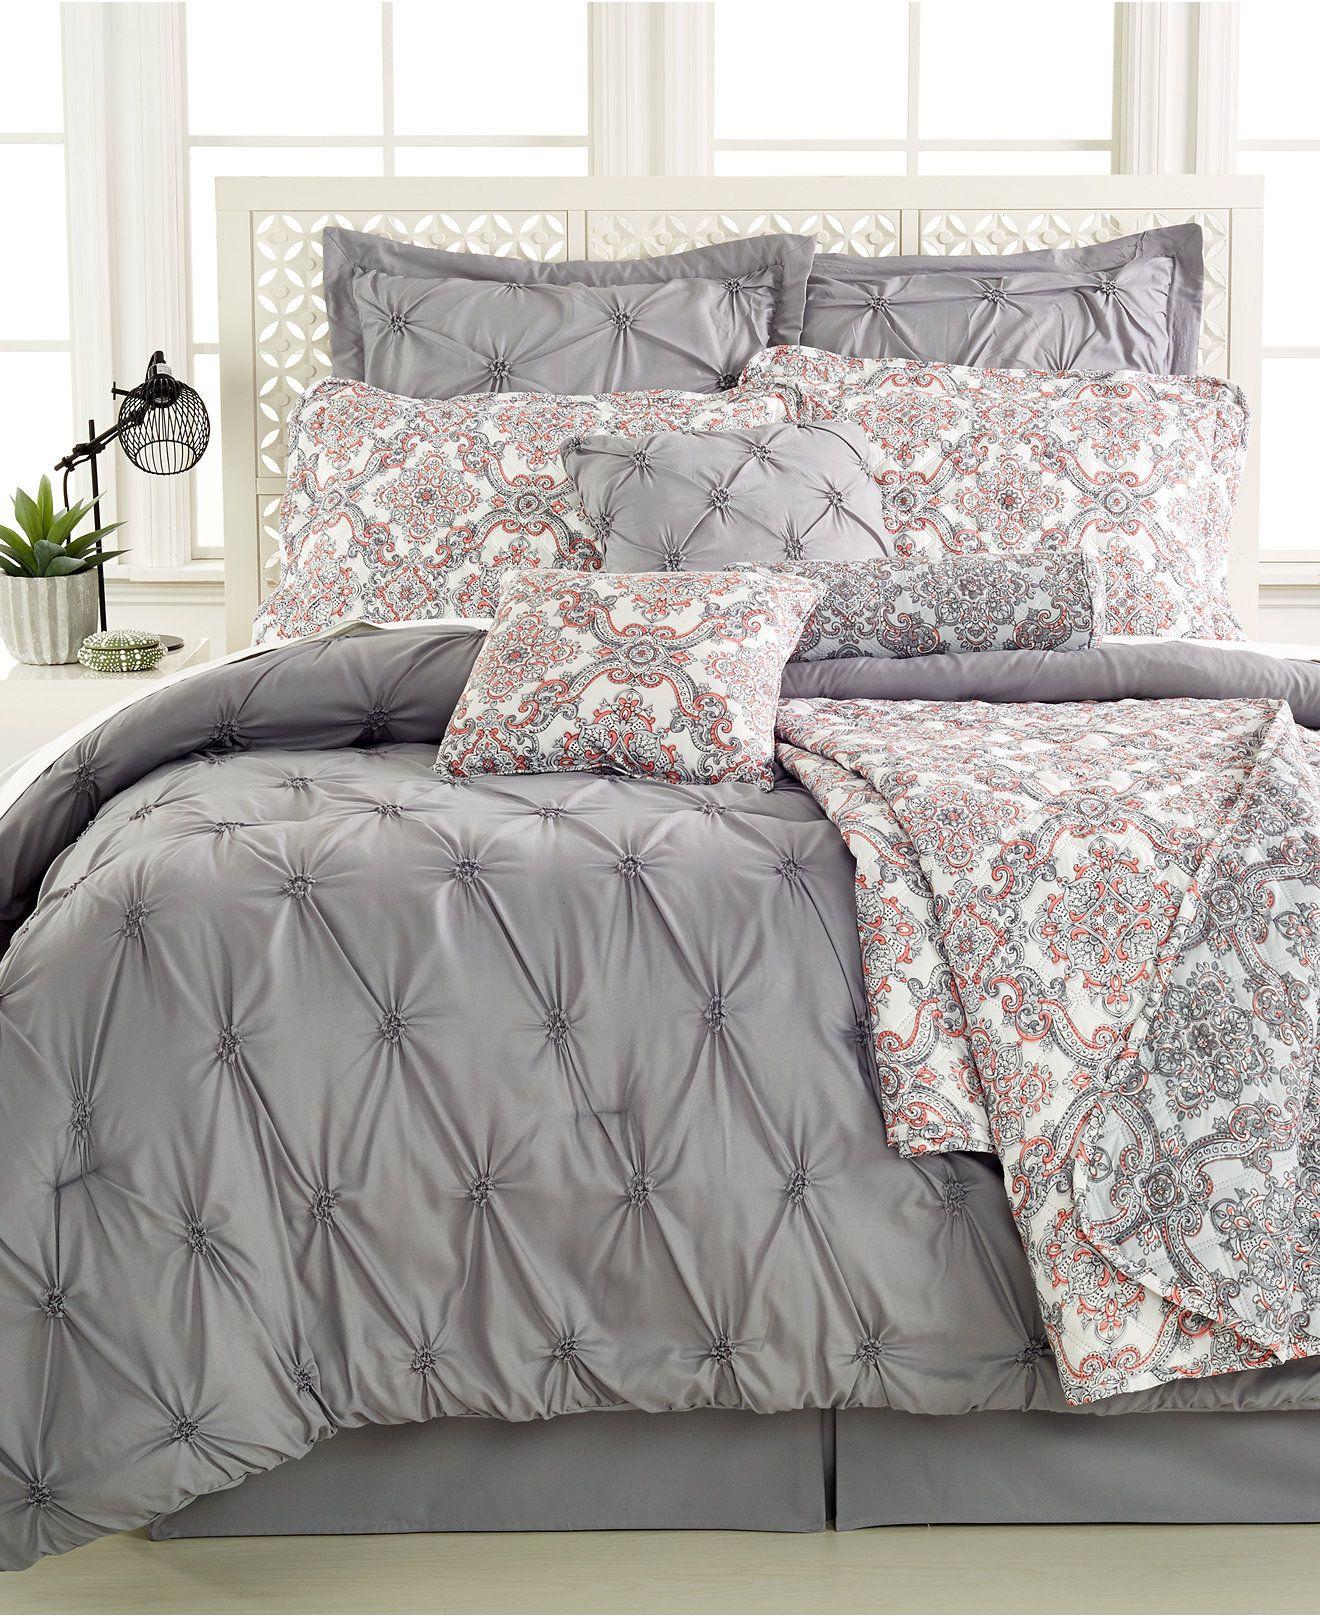 Jasmine Grey 10Pc. Queen Comforter Set Bed in a Bag